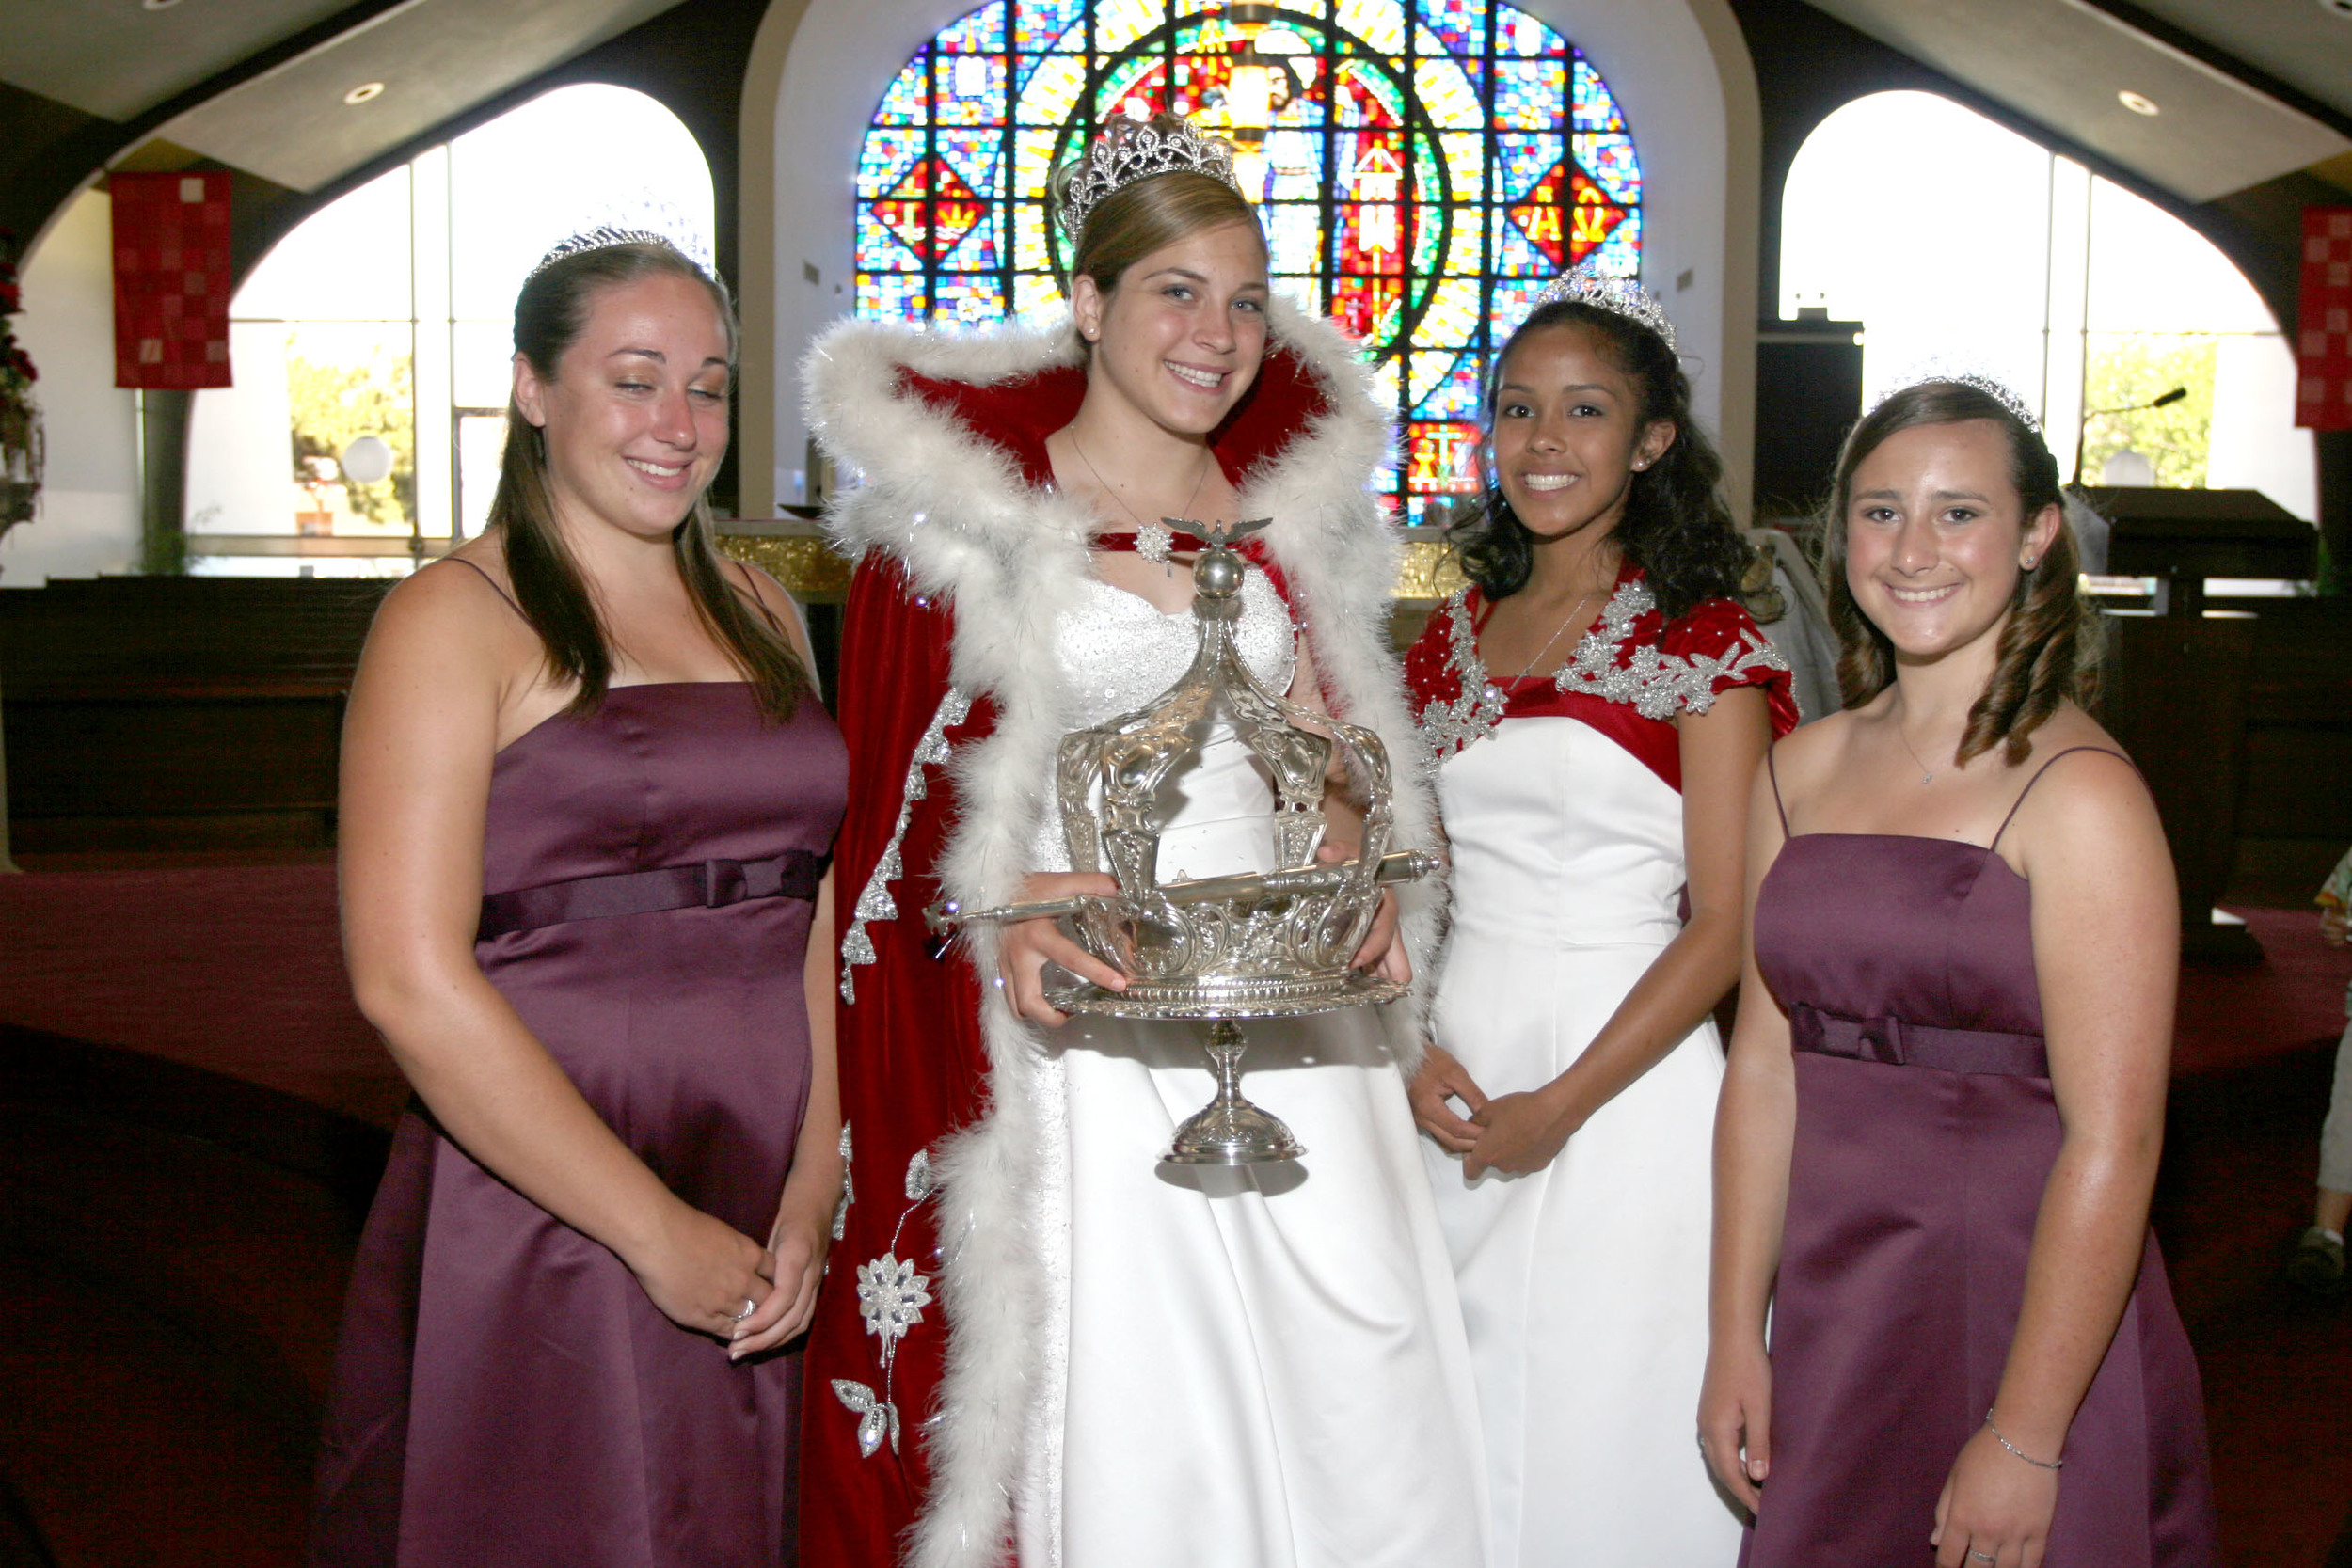 2006 Festival Queen - Danielle Goularte   Sidemaids - Courtney Fine & Kimberly Dutrow